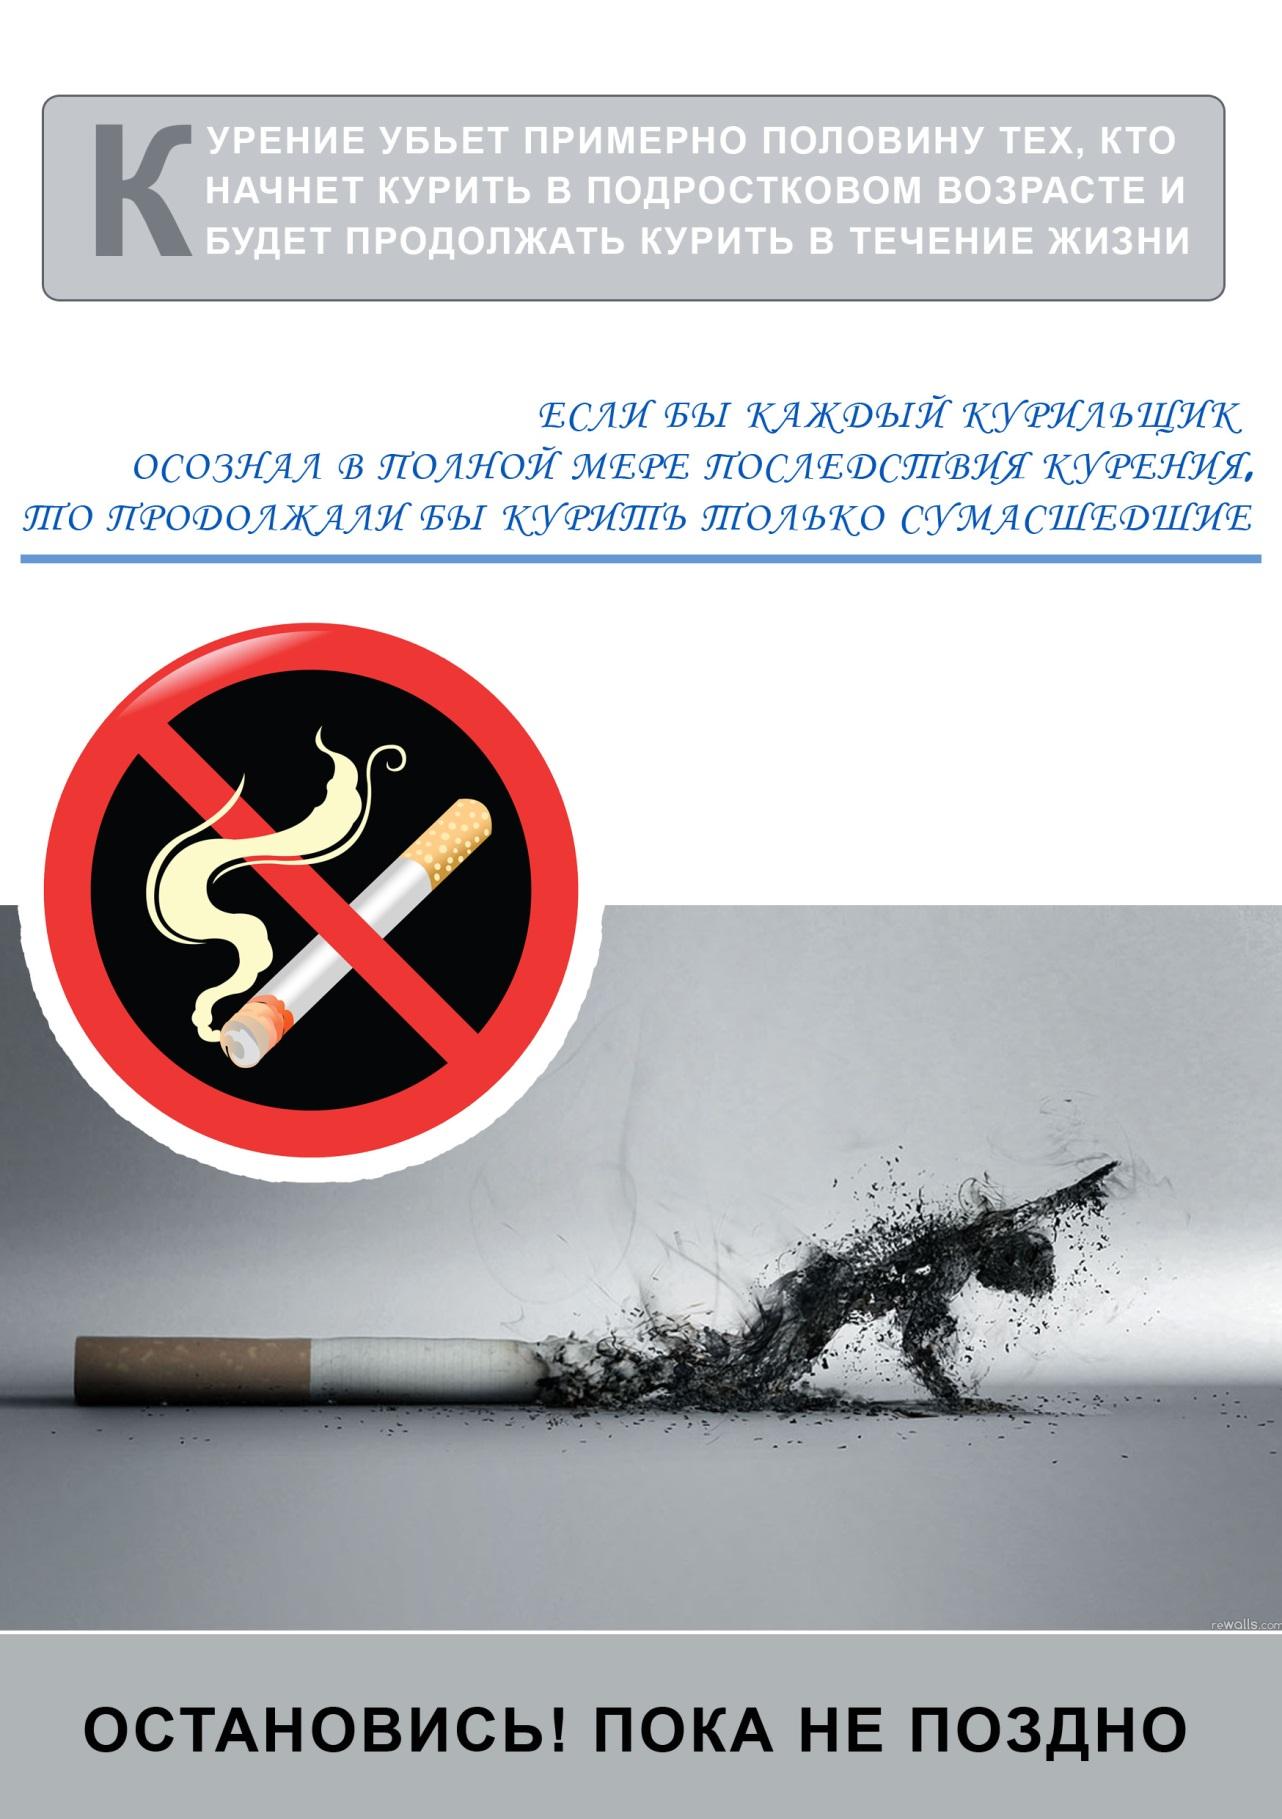 C:\Users\Karst\Desktop\социальный проект 5 в бла бла\фото\Стоп Курению копия.jpg